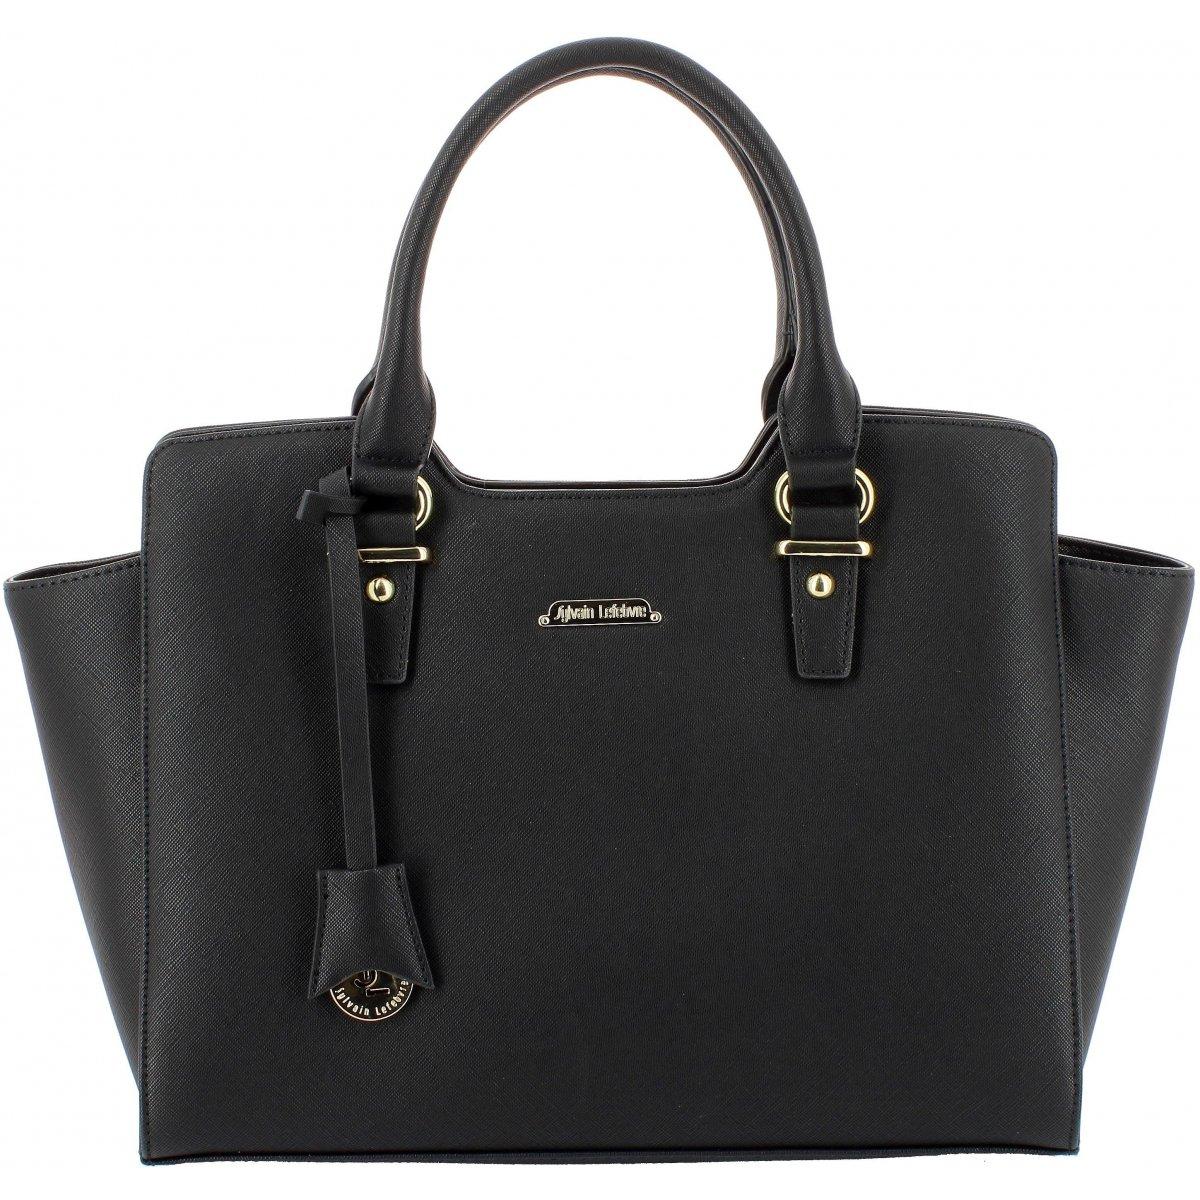 adidas Sac à main pour femme Noir Noir M Chaussures Vraiment Pas Cher En Ligne Réduction Profiter Fiable Prix Pas Cher eJ9AME